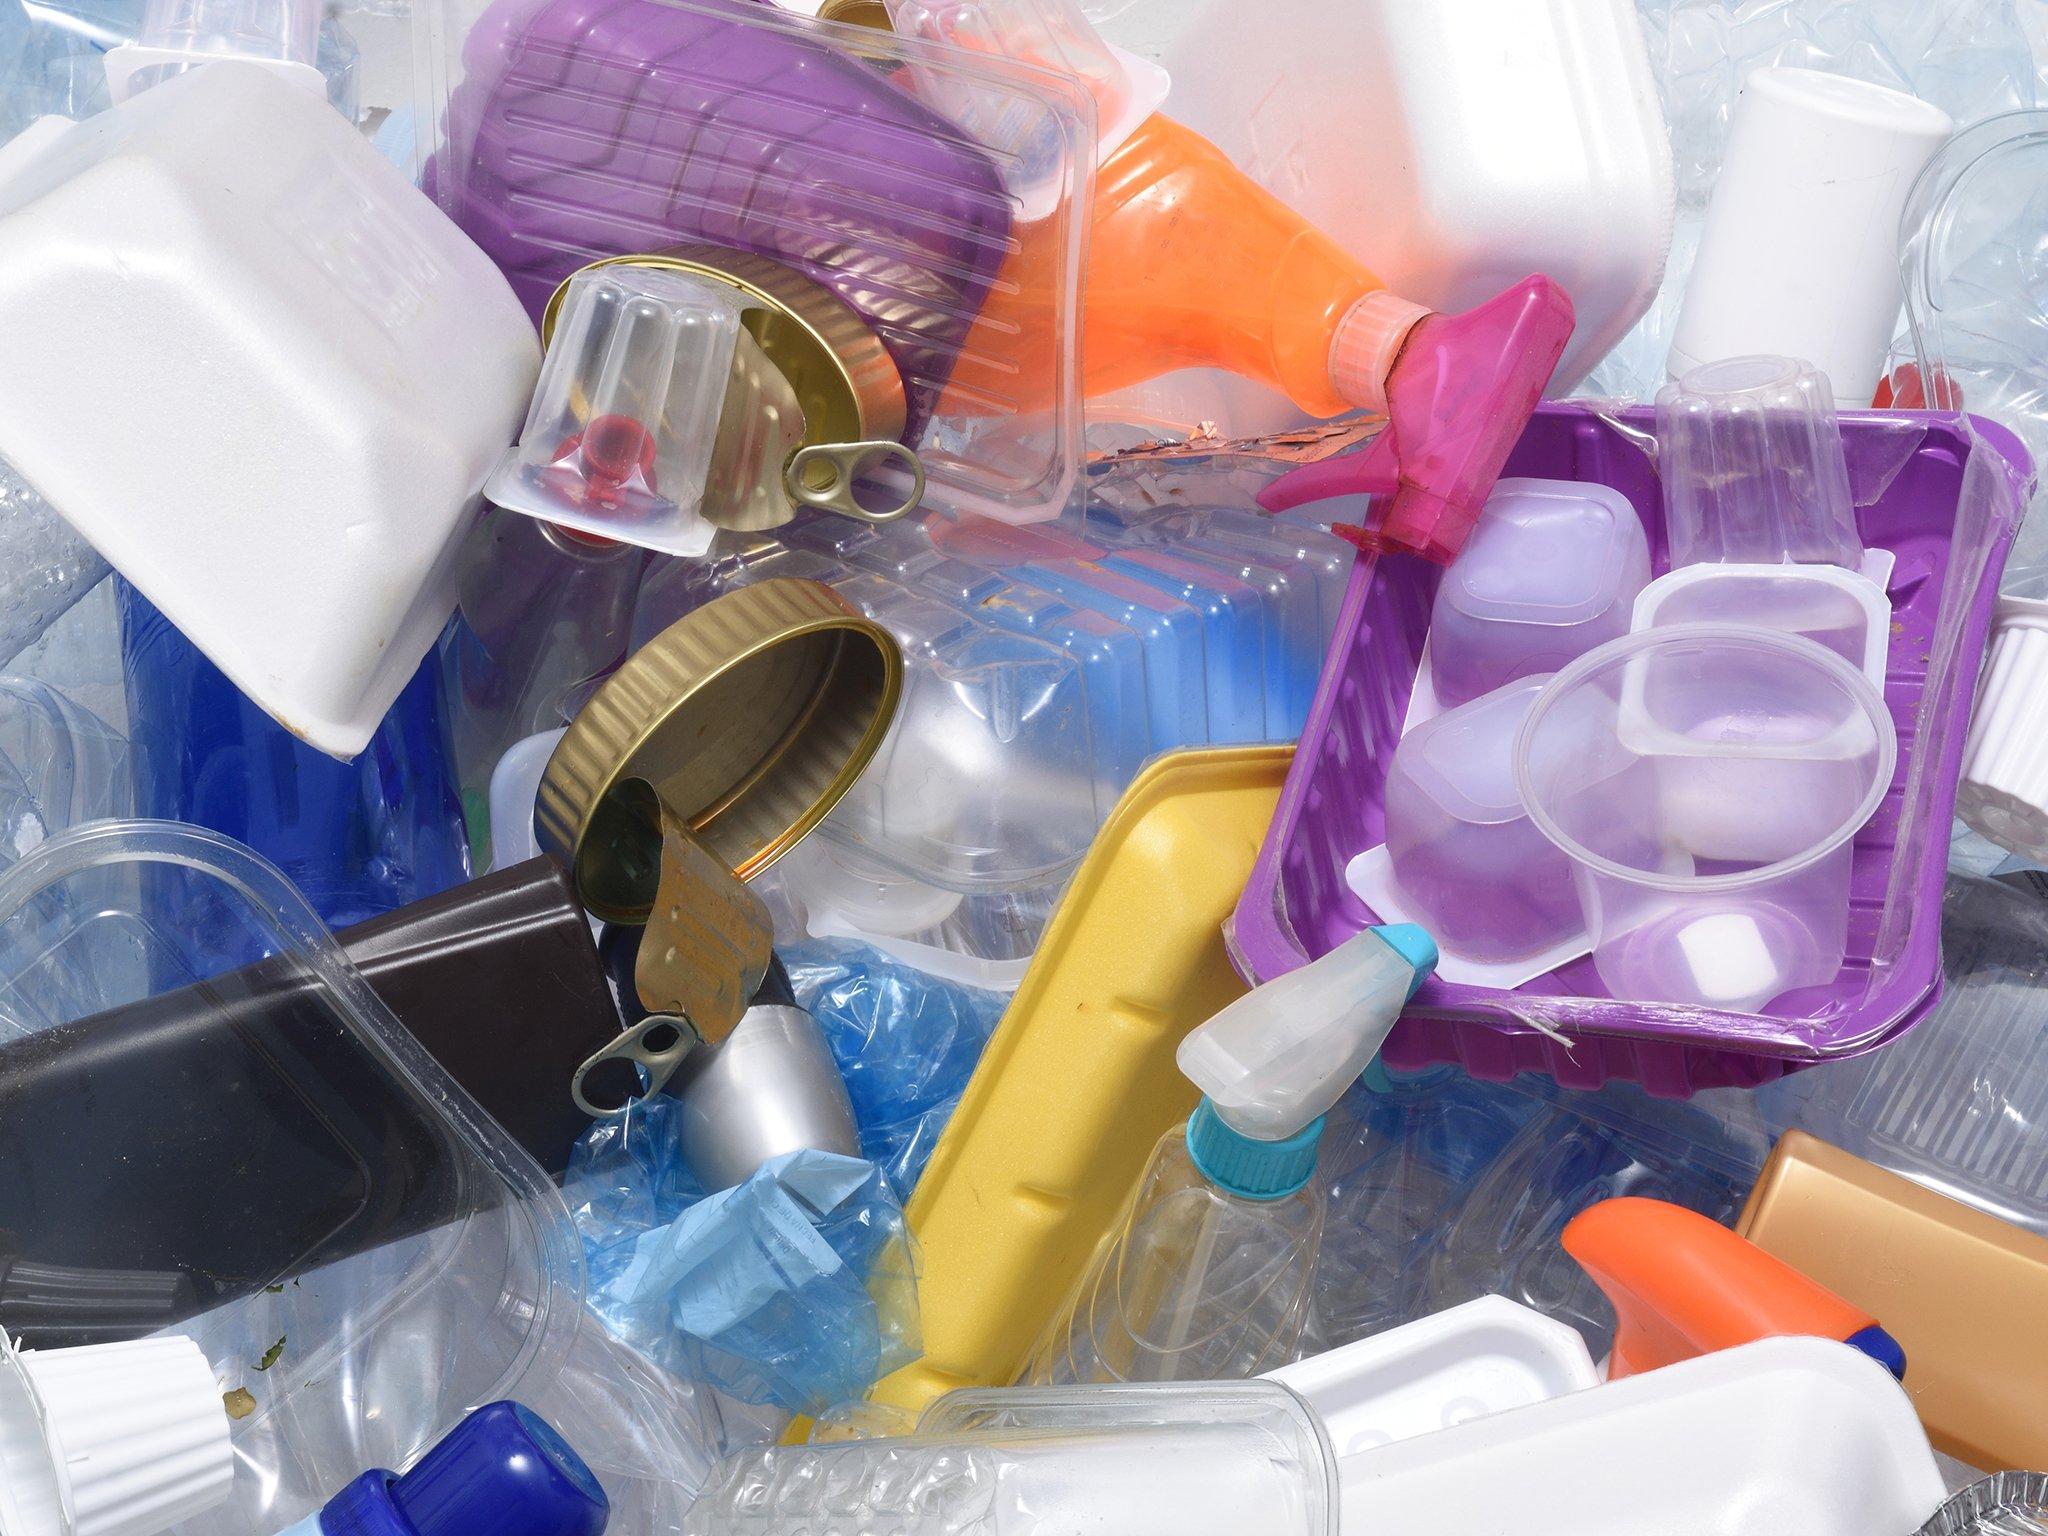 Nhận diện hiểm họa cho sức khỏe từ bao bì nhựa